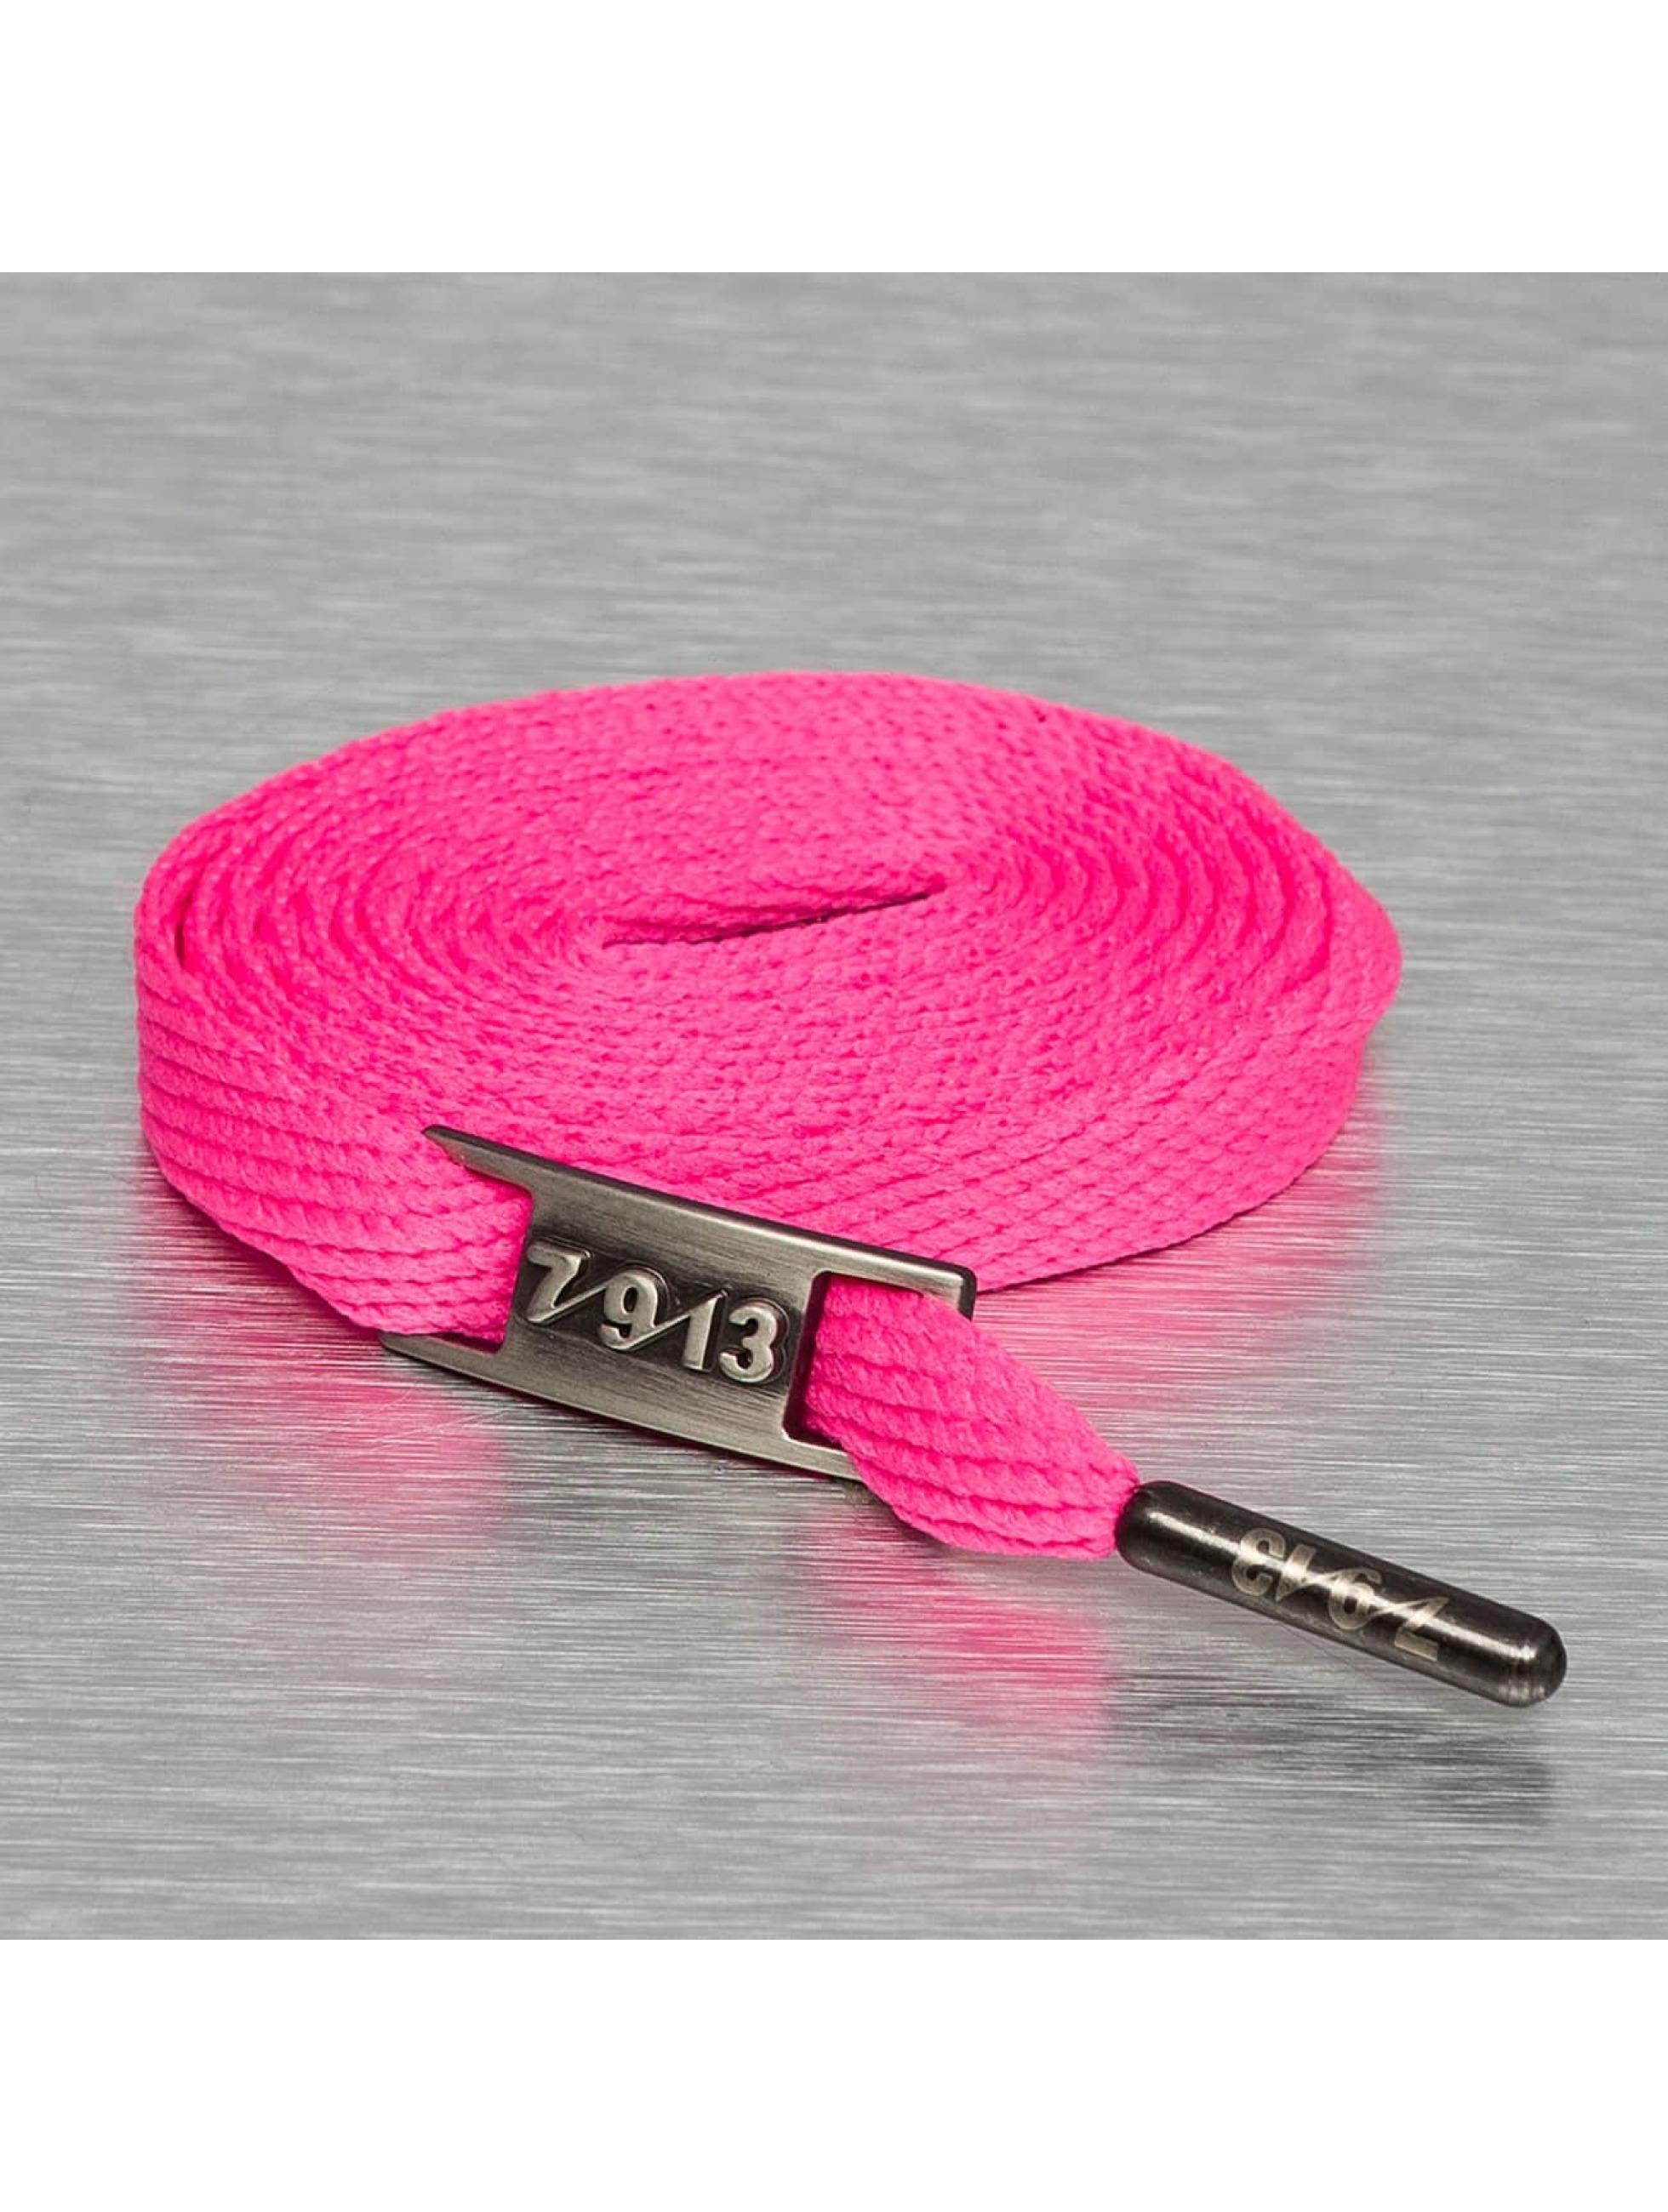 Seven Nine 13 Schoenveter Full Metal pink